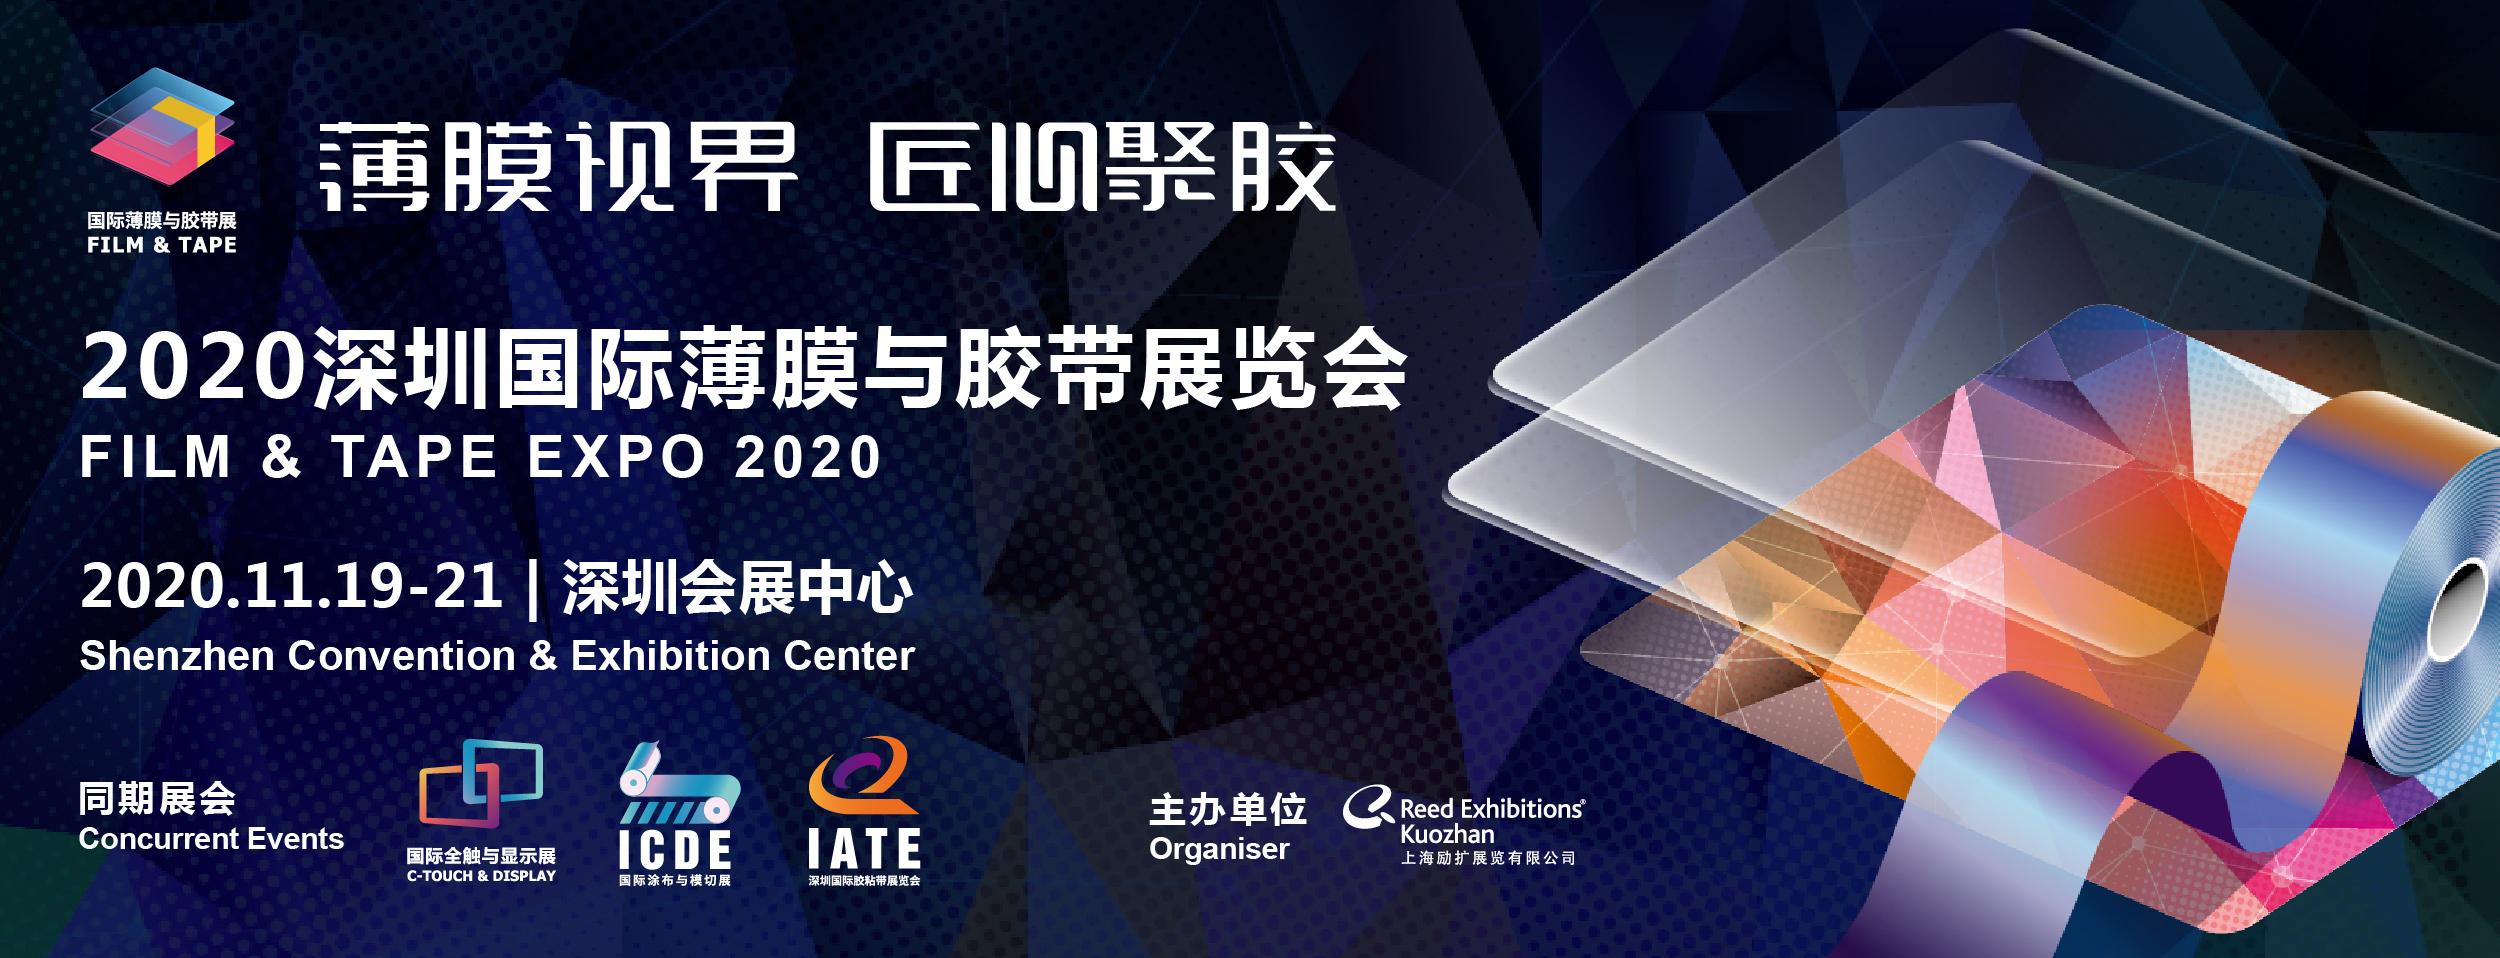 2020年深圳國際薄膜與膠帶展